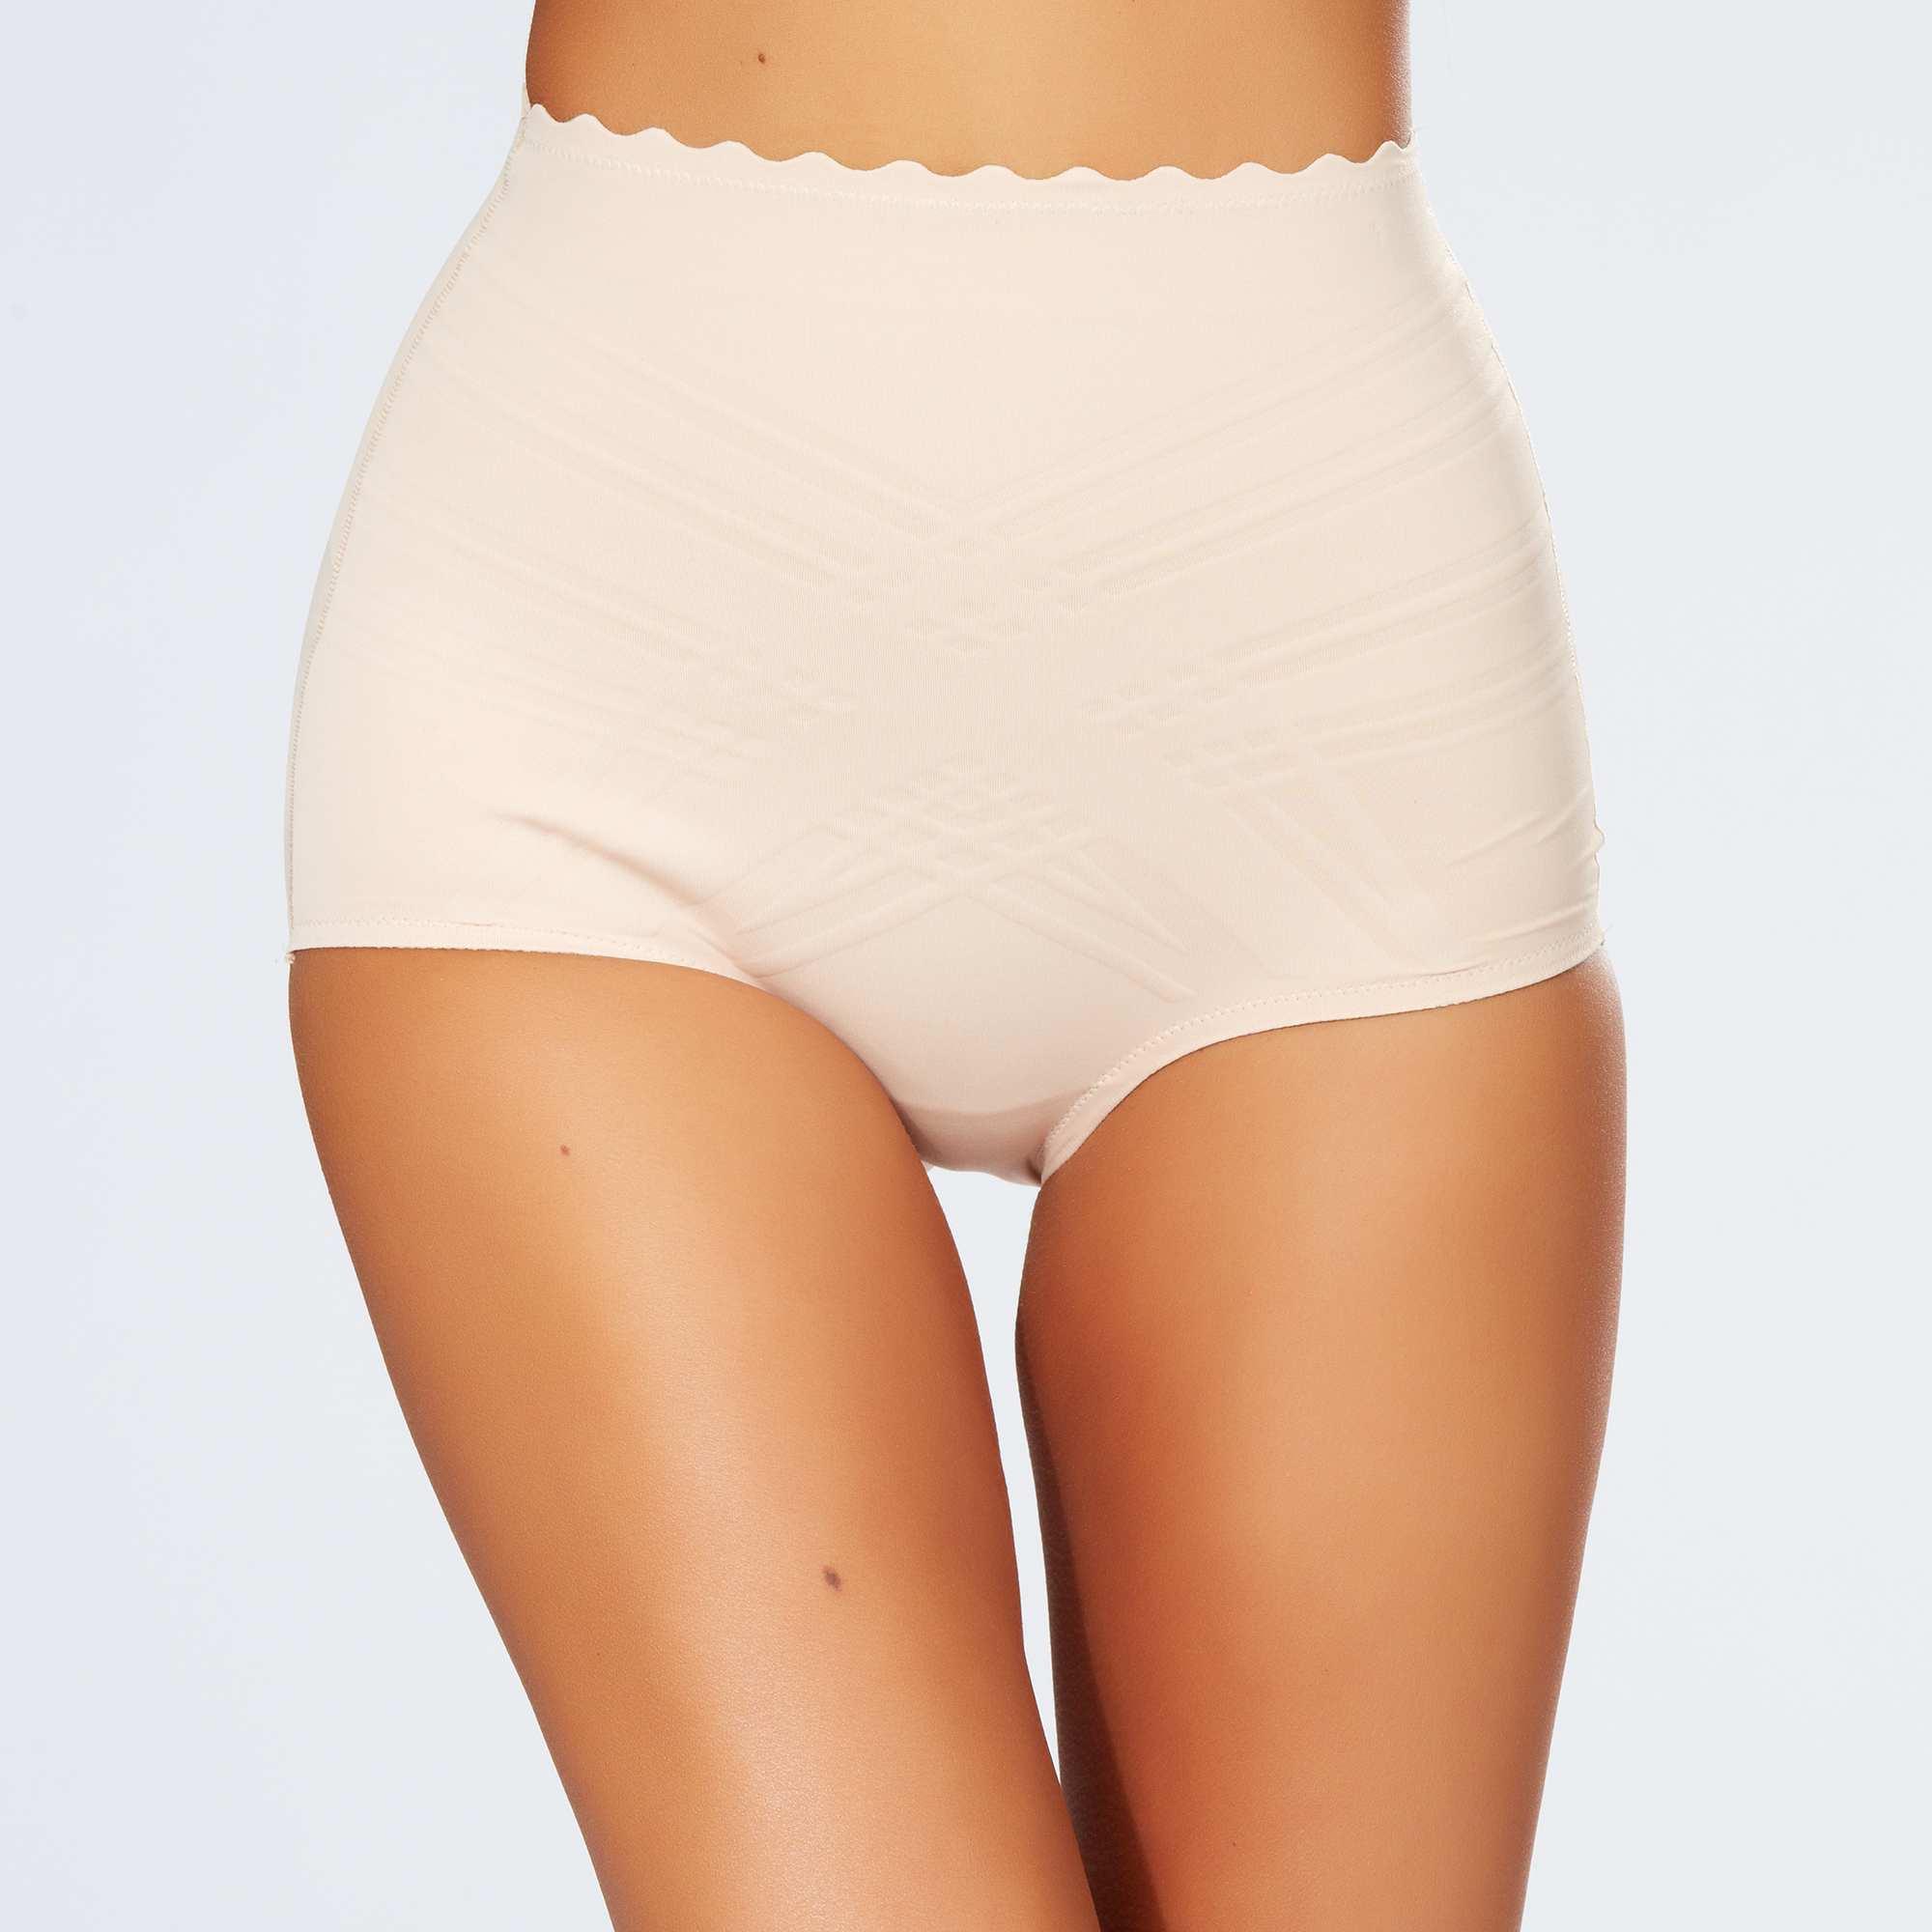 Couleur : noir, chair, ,, - Taille : 40, 50, 44,38,48Optez pour un confort moderne avec cette culotte haute gainante 'Dim Beauty List' ! -